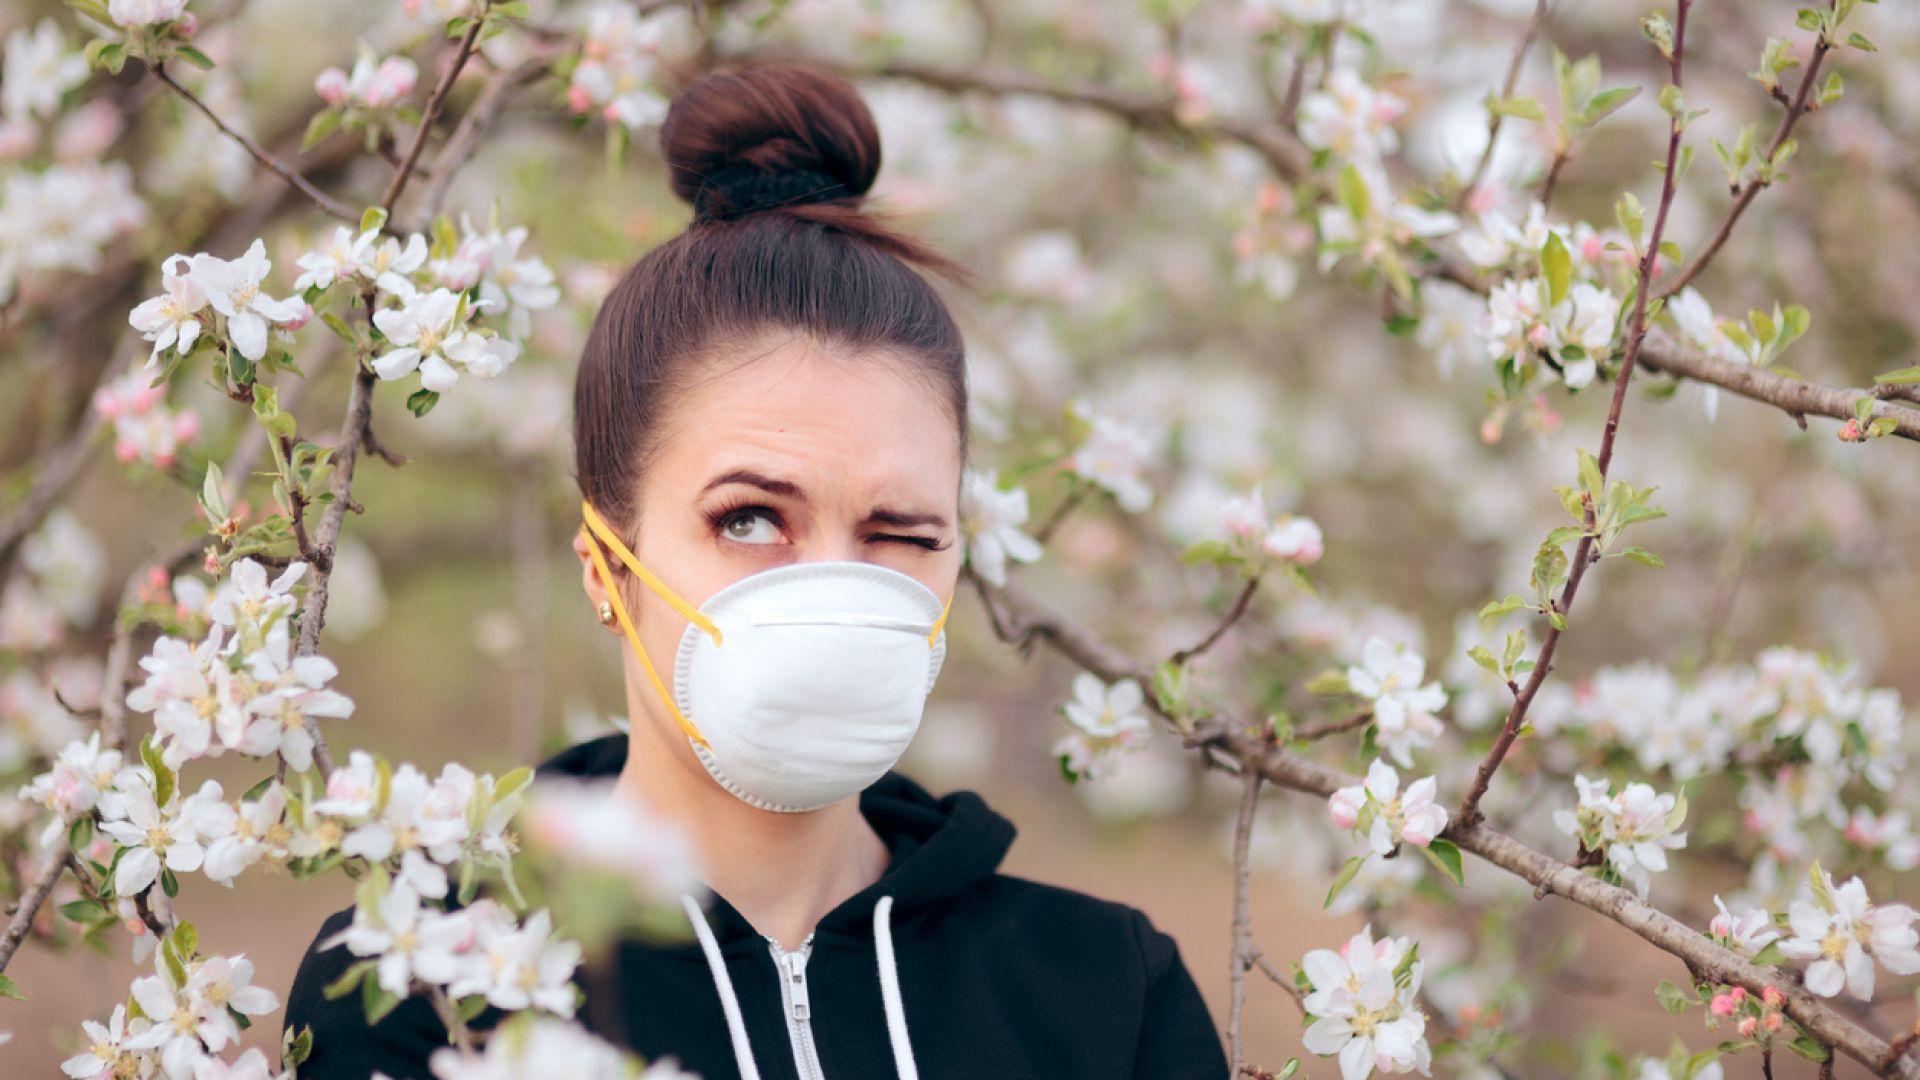 Сезонът на алергиите се удължава заради глобалното затопляне